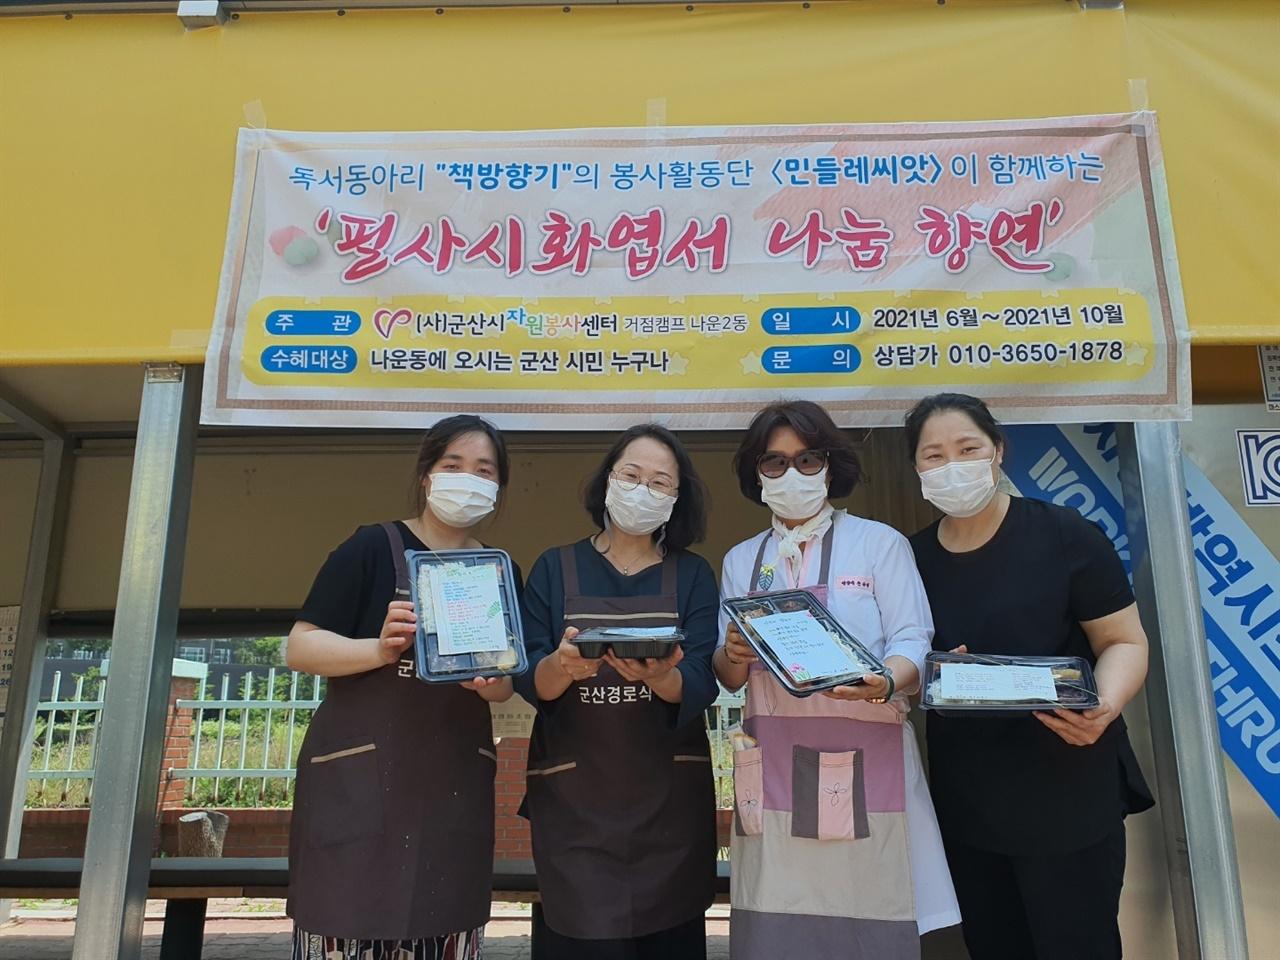 시화엽서도시락 영양사님과 봉사자들과 함께 기념 사진